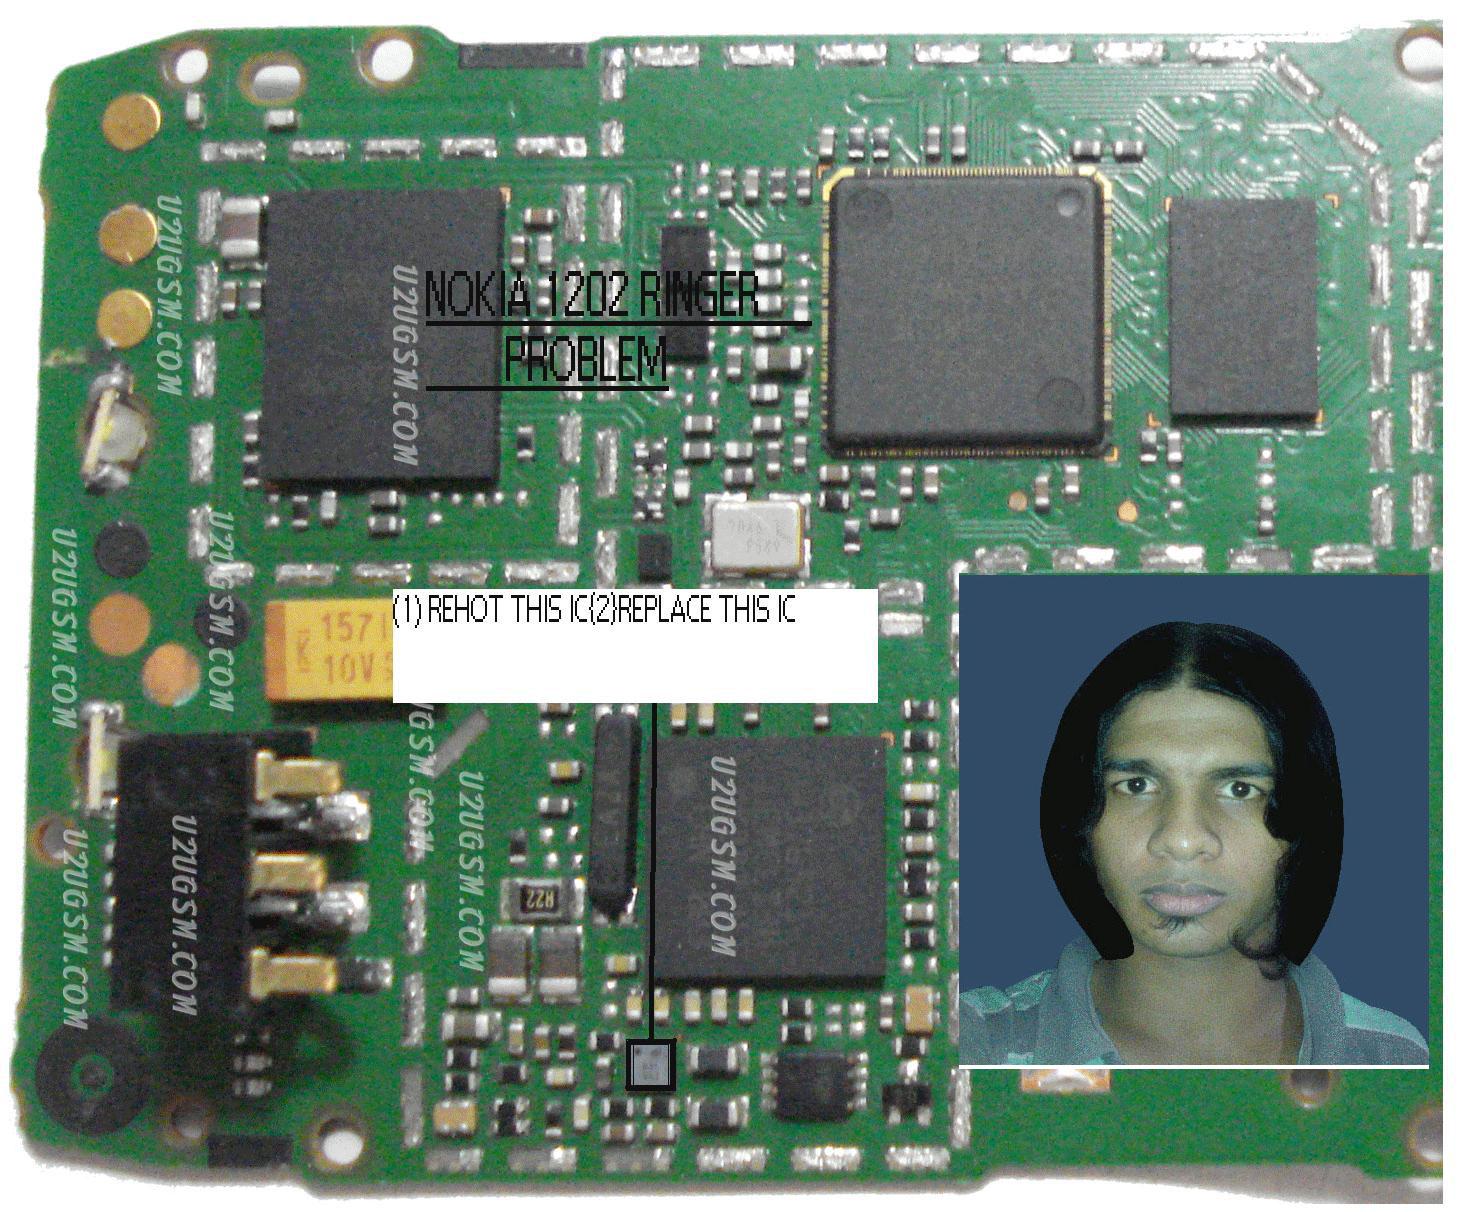 Nokia 1202 2 Nokia 1202 ringer solution